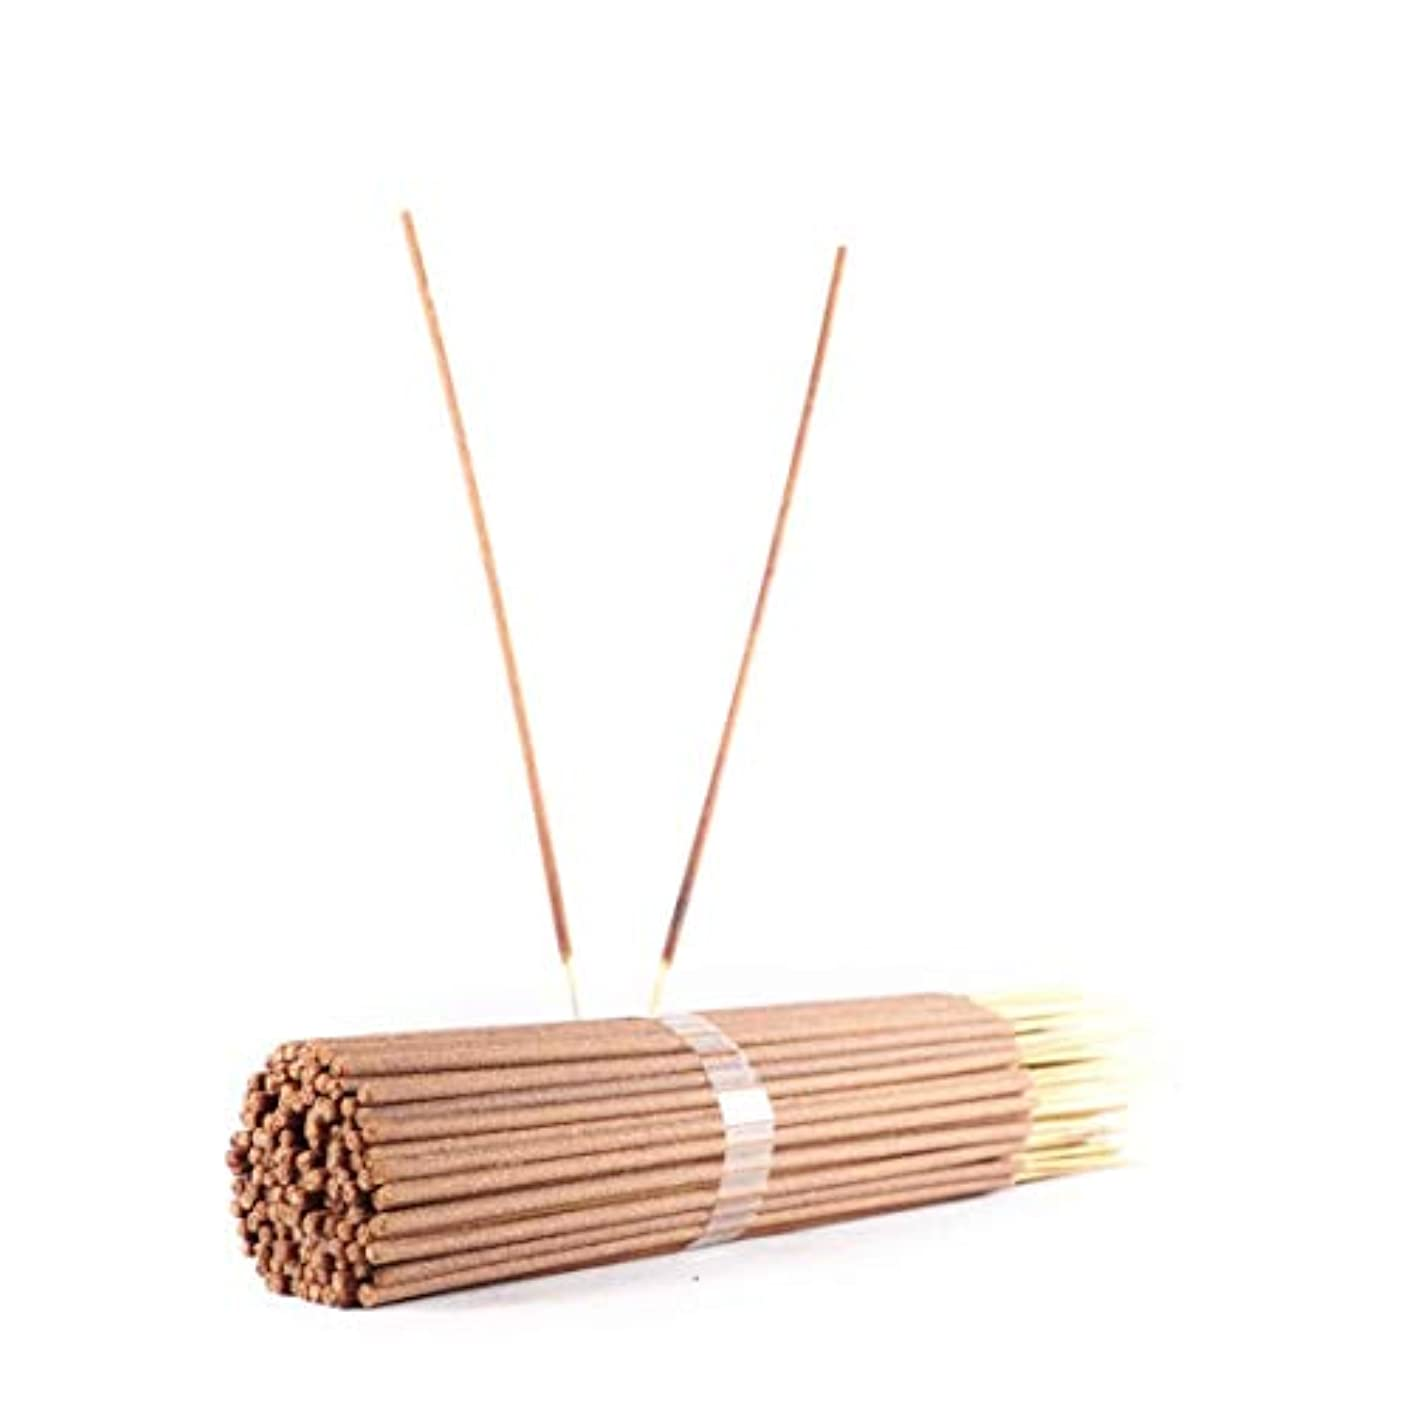 試験スクリーチ排出Gifteniaa Wonderful Vaishnavi Fragrant 9 Inches insence Sticks and Masala Insence Sticks (50 Sticks)